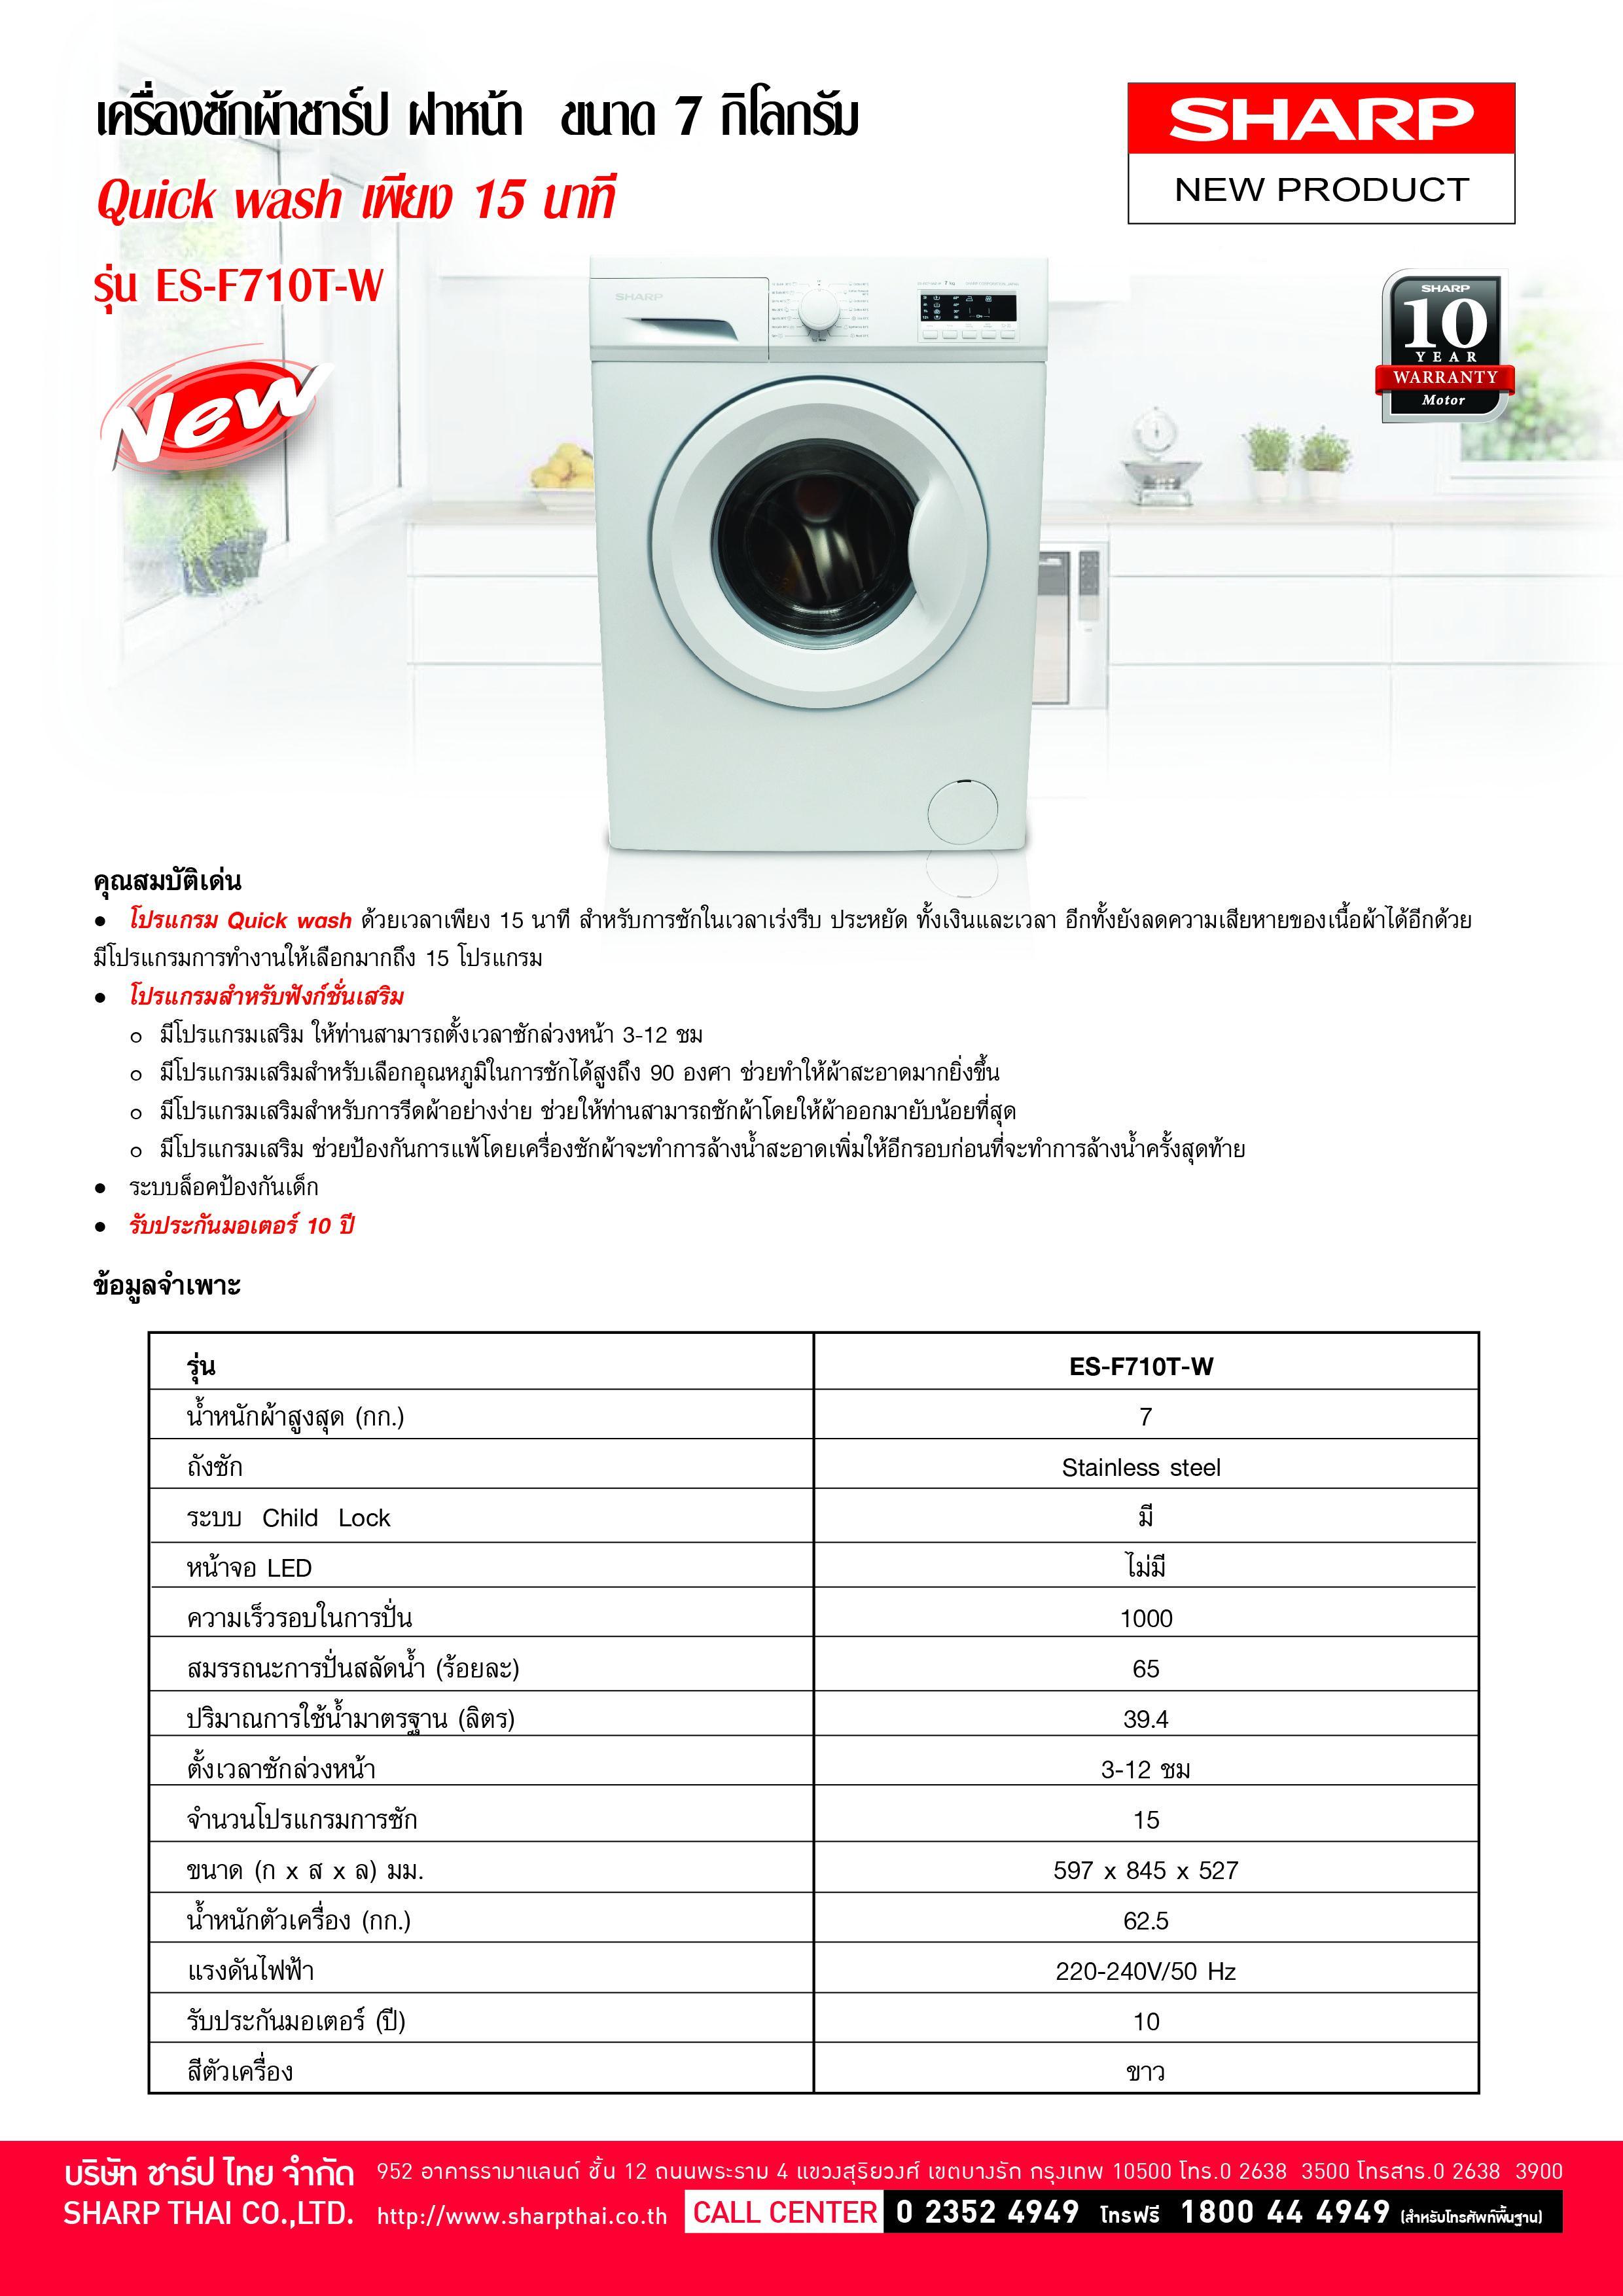 เครื่องซักผ้าฝาหน้า 7 กก. SHARP รุ่น ES-F710T-W สินค้าใหม่ ราคาพิเศษสุด โทร 097-2108092, 02-8825619